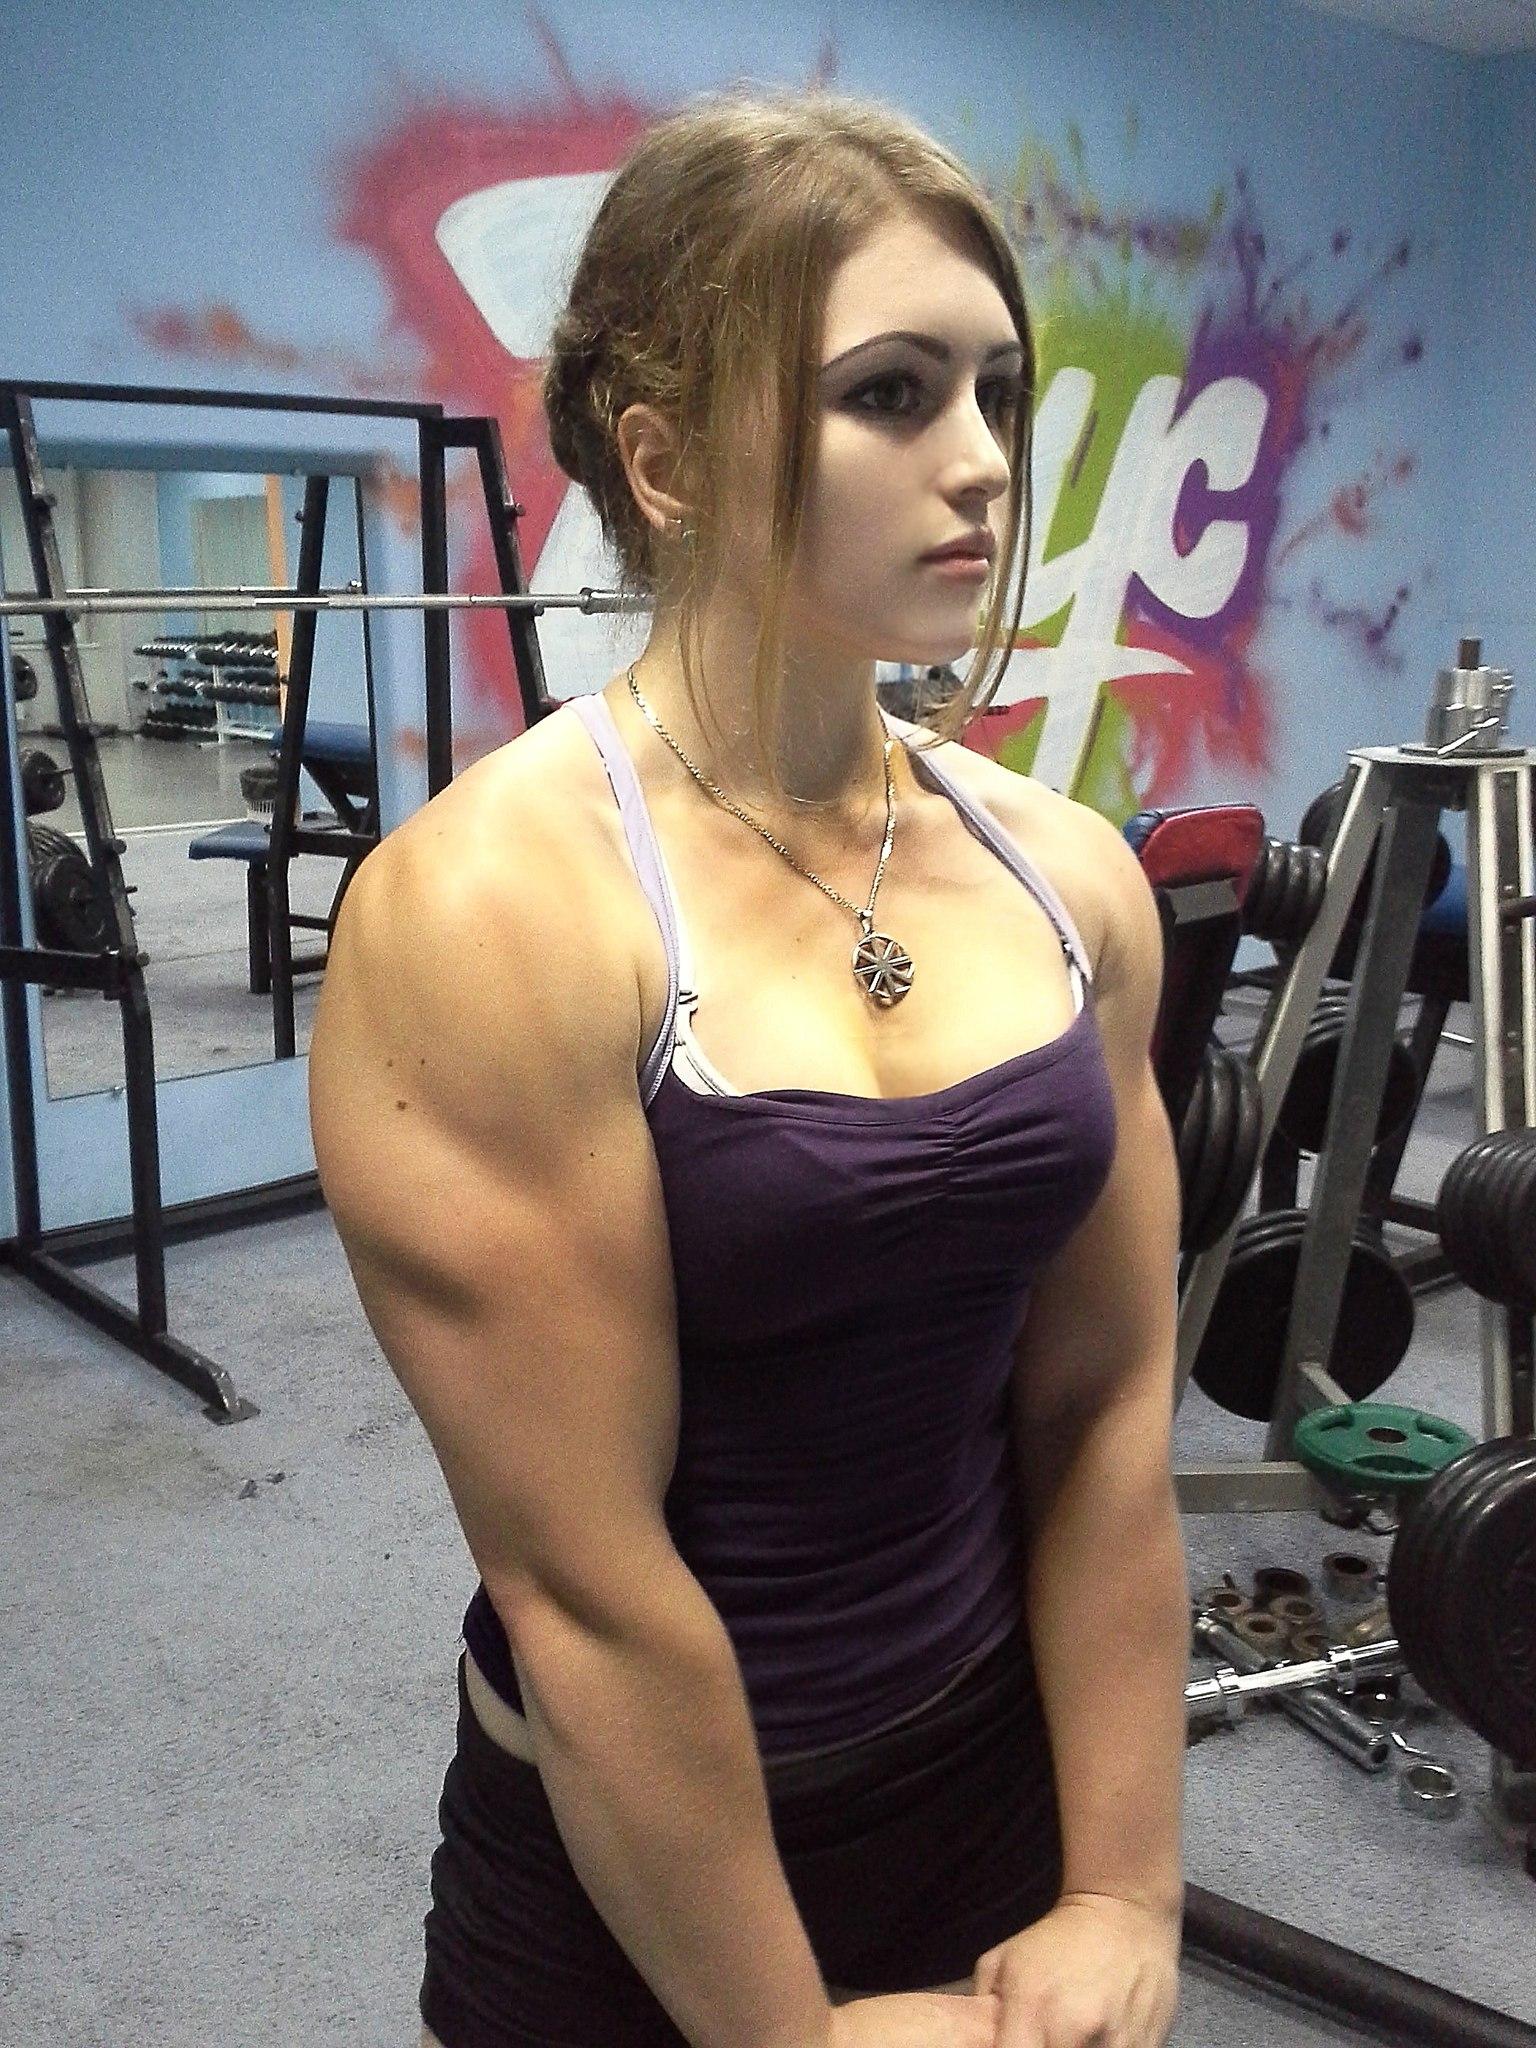 Фото 18 лет девушка 5 фотография